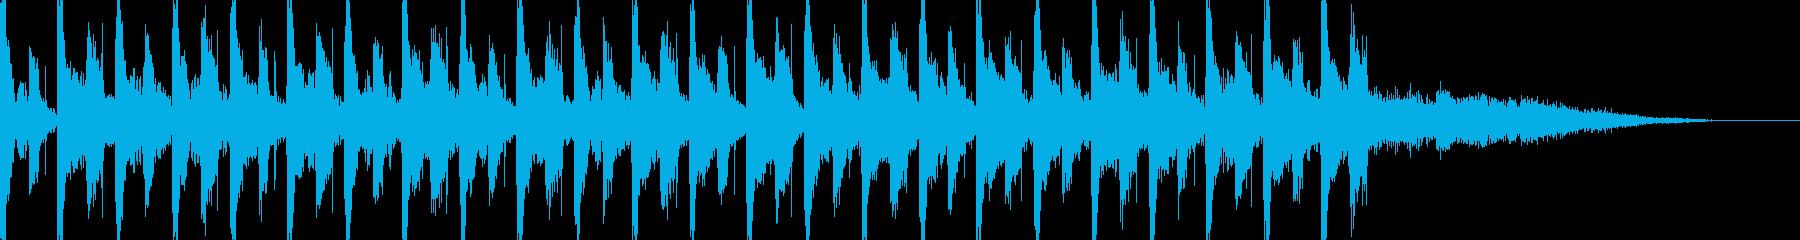 ほのぼのとしたテクノポップスの再生済みの波形